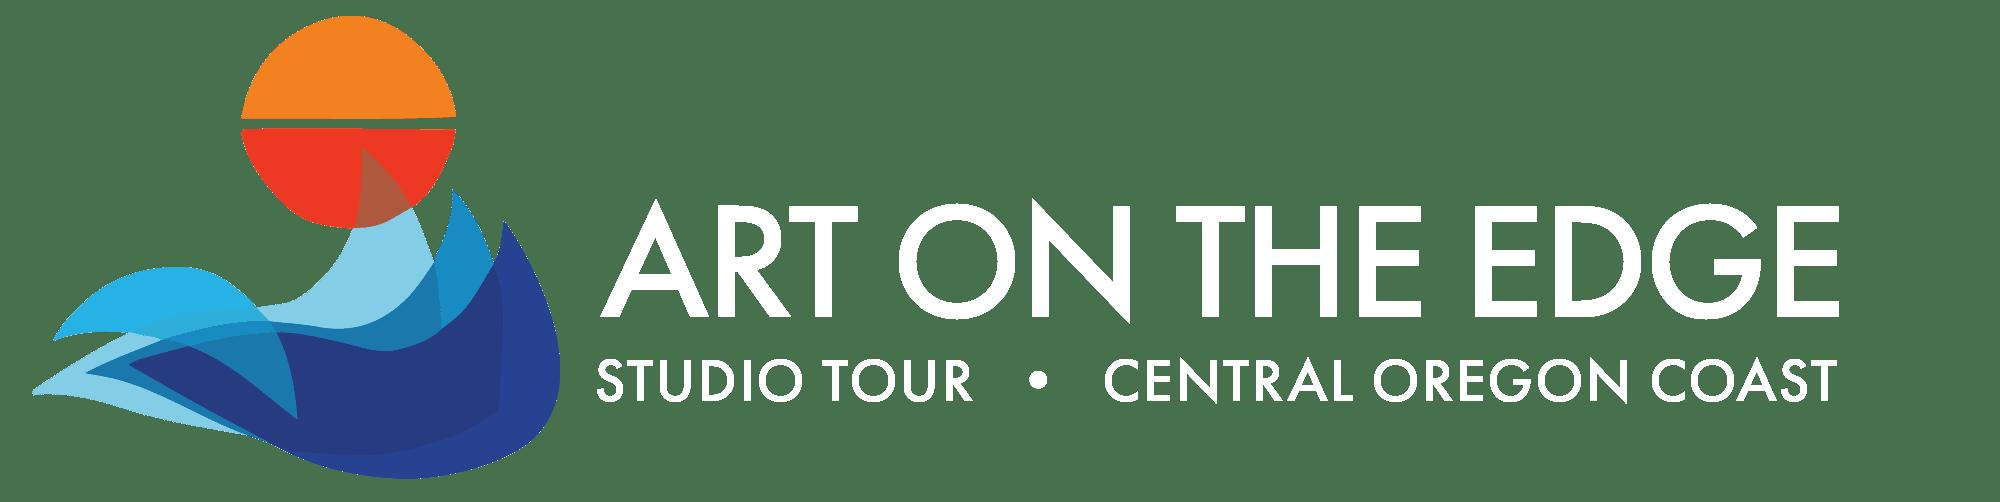 Art on the Edge Studio Tour